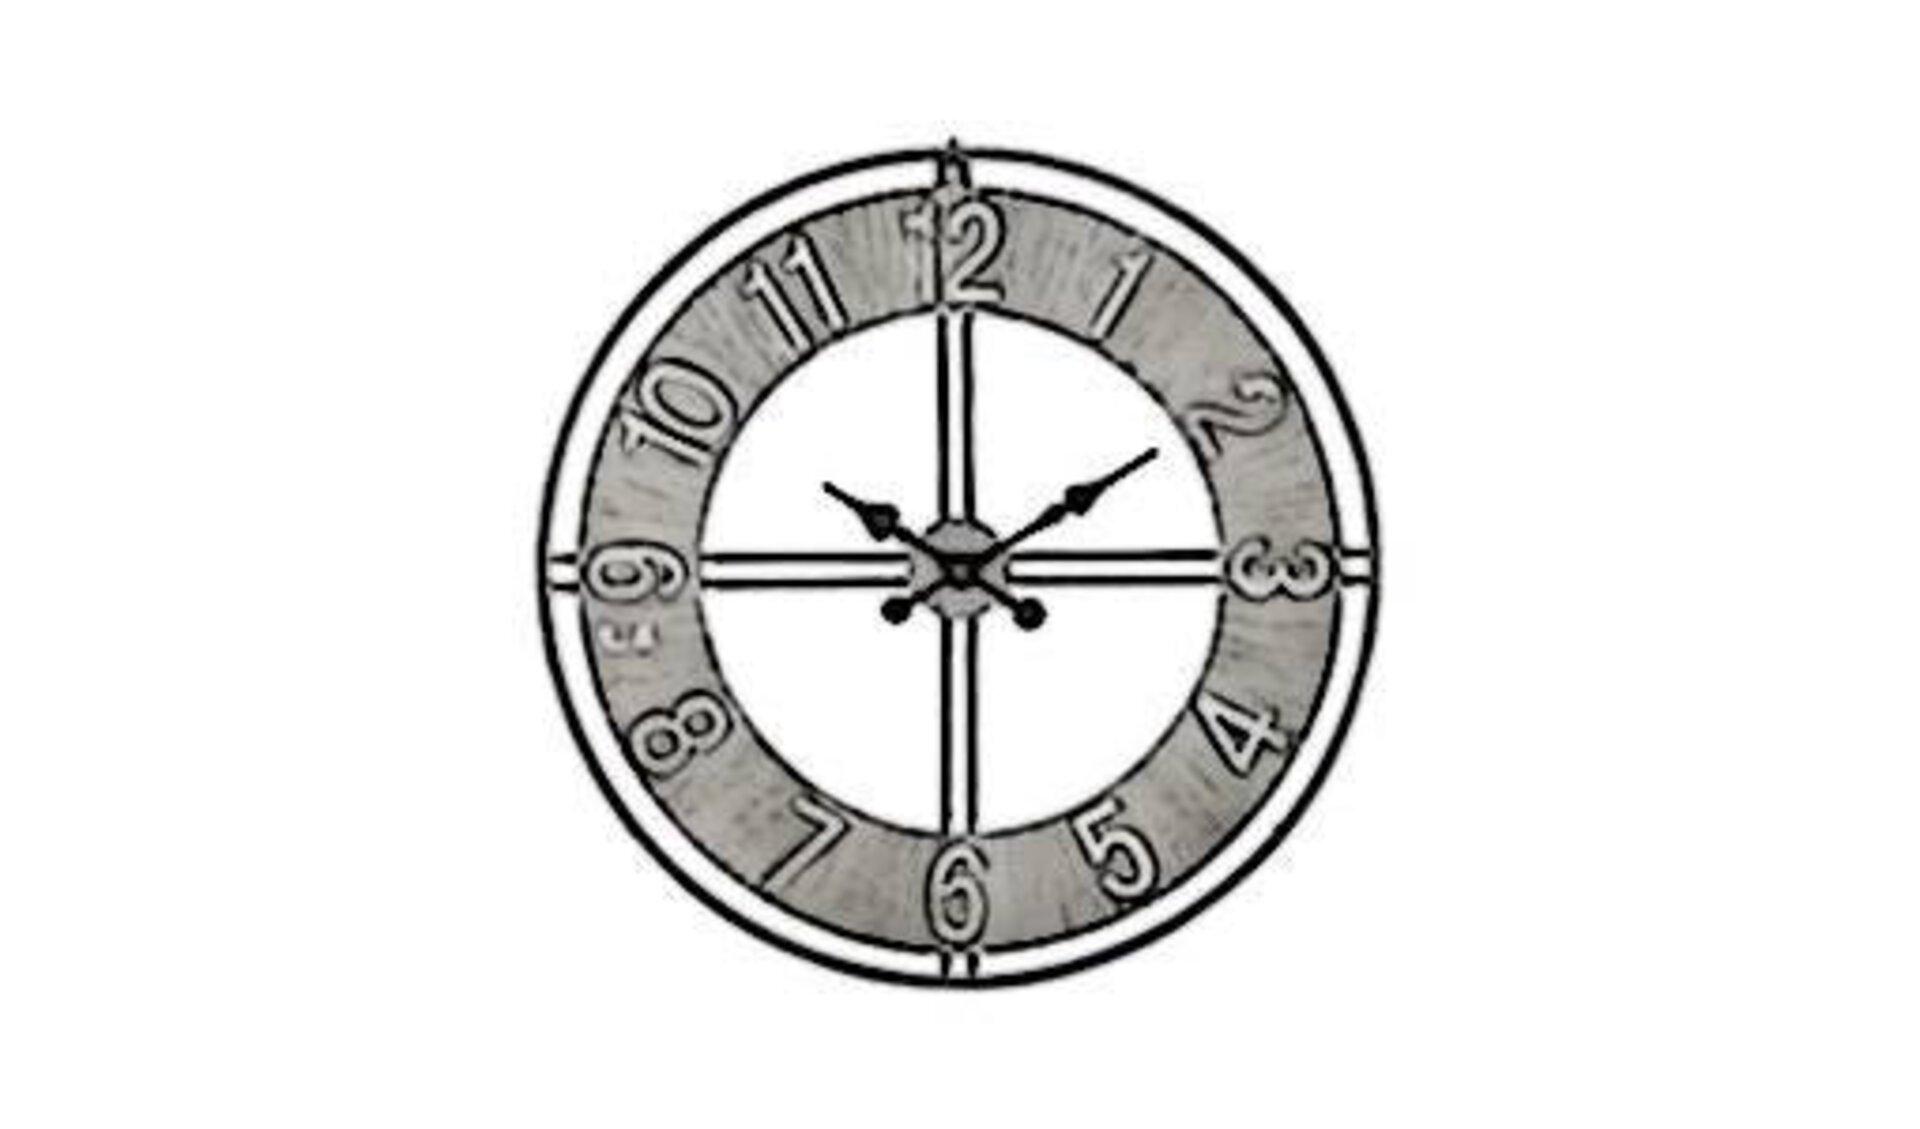 Eine Metalluhr zur Wandaufhängung mit römischen Zahlen steht als Synonym für alle Uhren und Wecker.